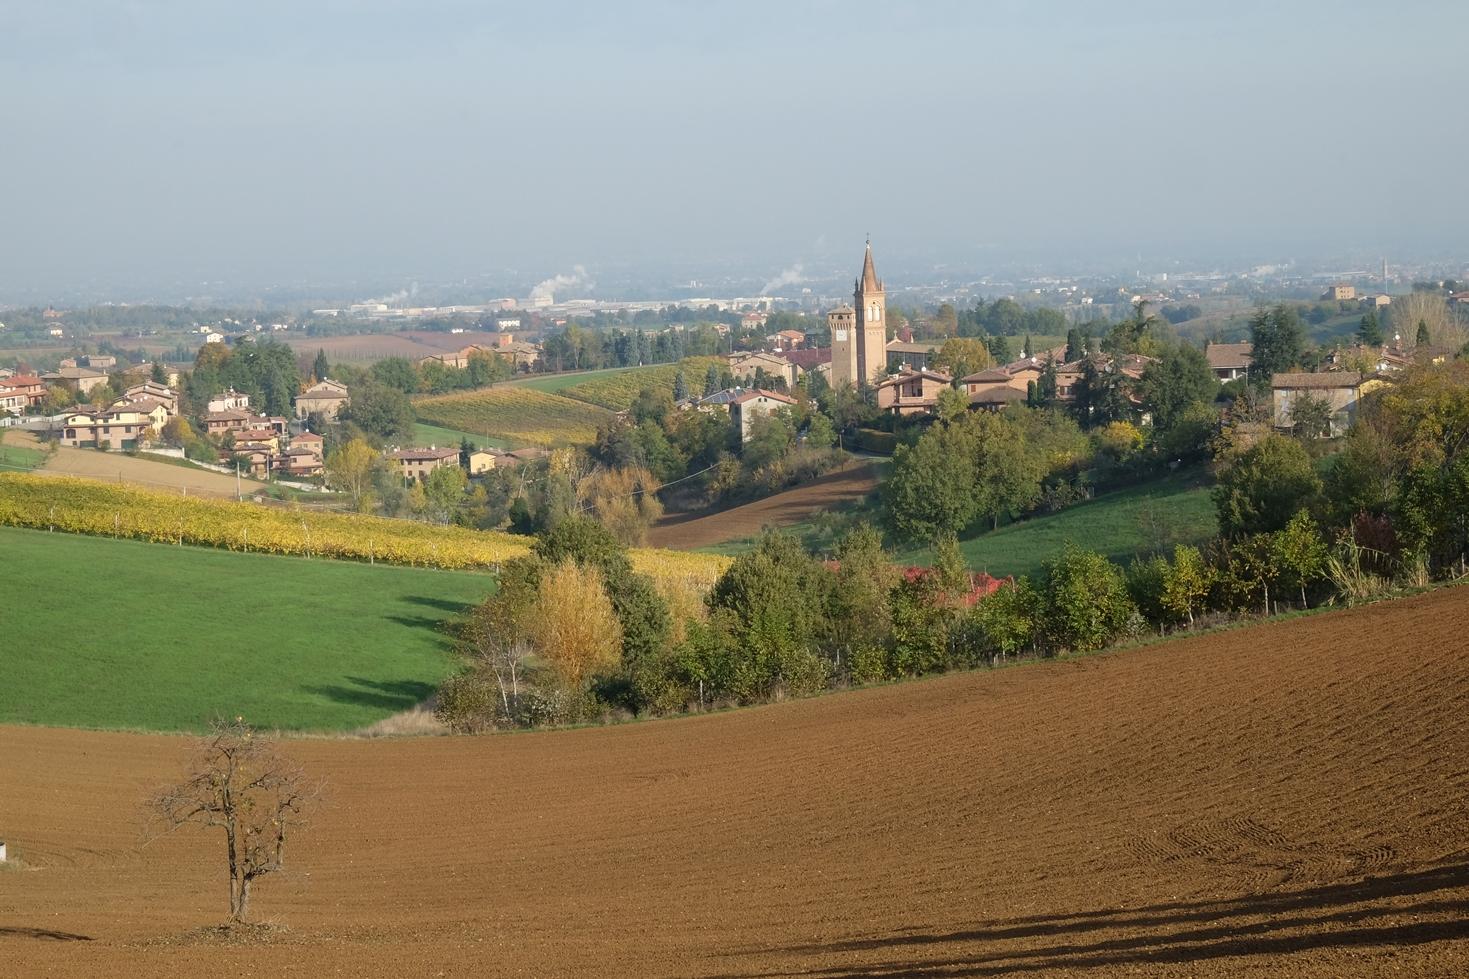 Panorama di Levizzano Rangone. Rosso Graspa. Museo del vino e della società rurale di Castelvetro